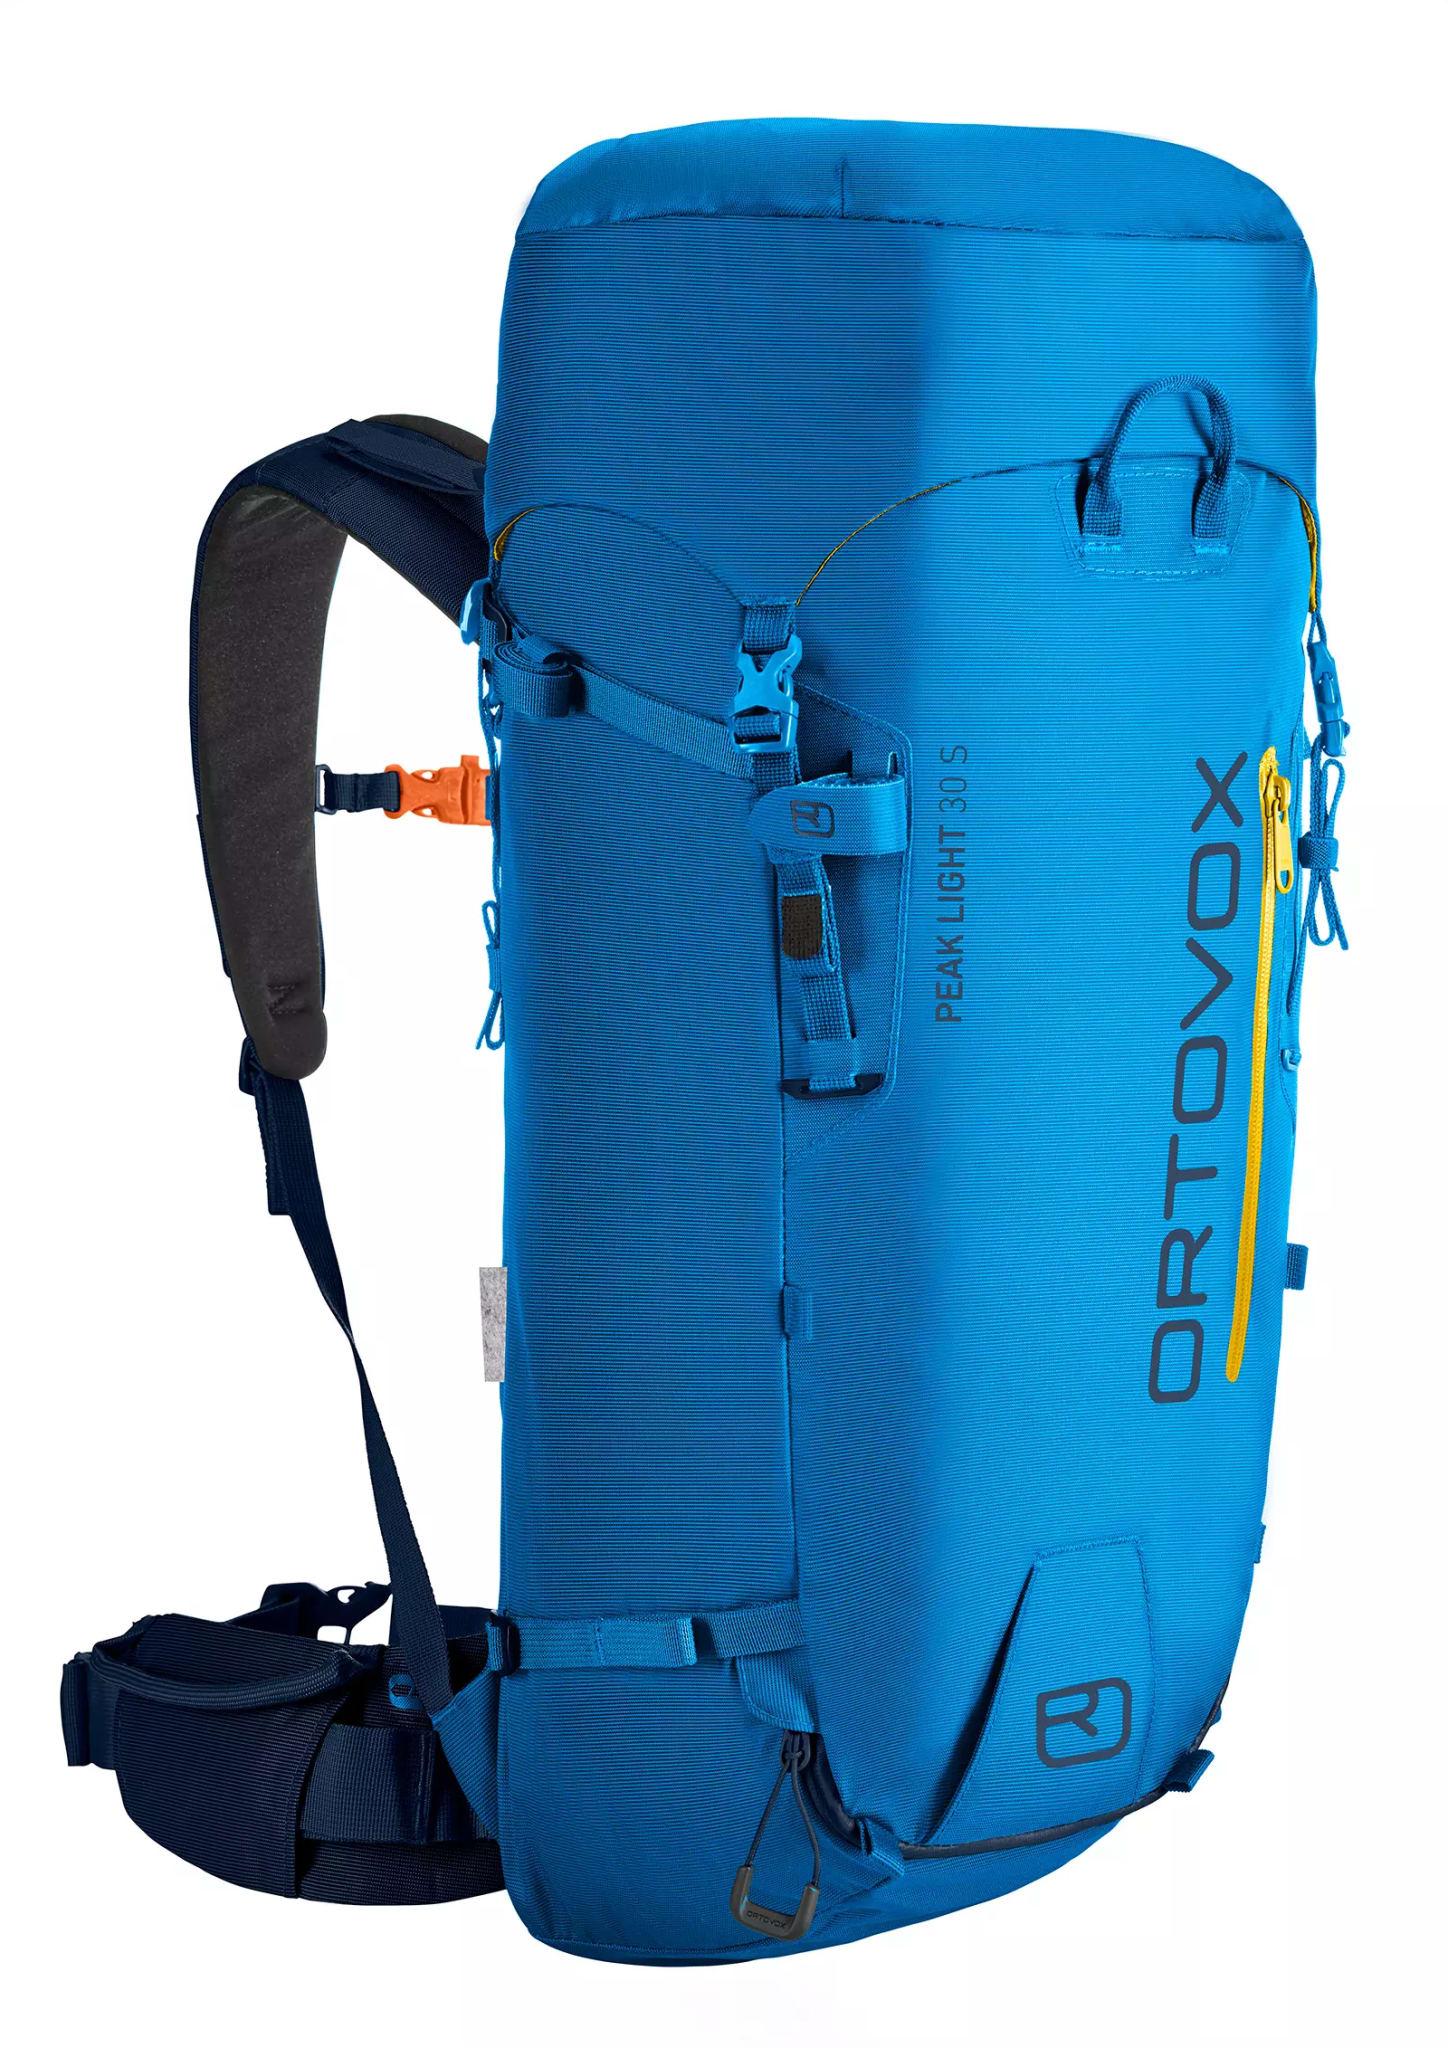 Svært lett og detaljrik sekk for klatring og ski med kort rygg